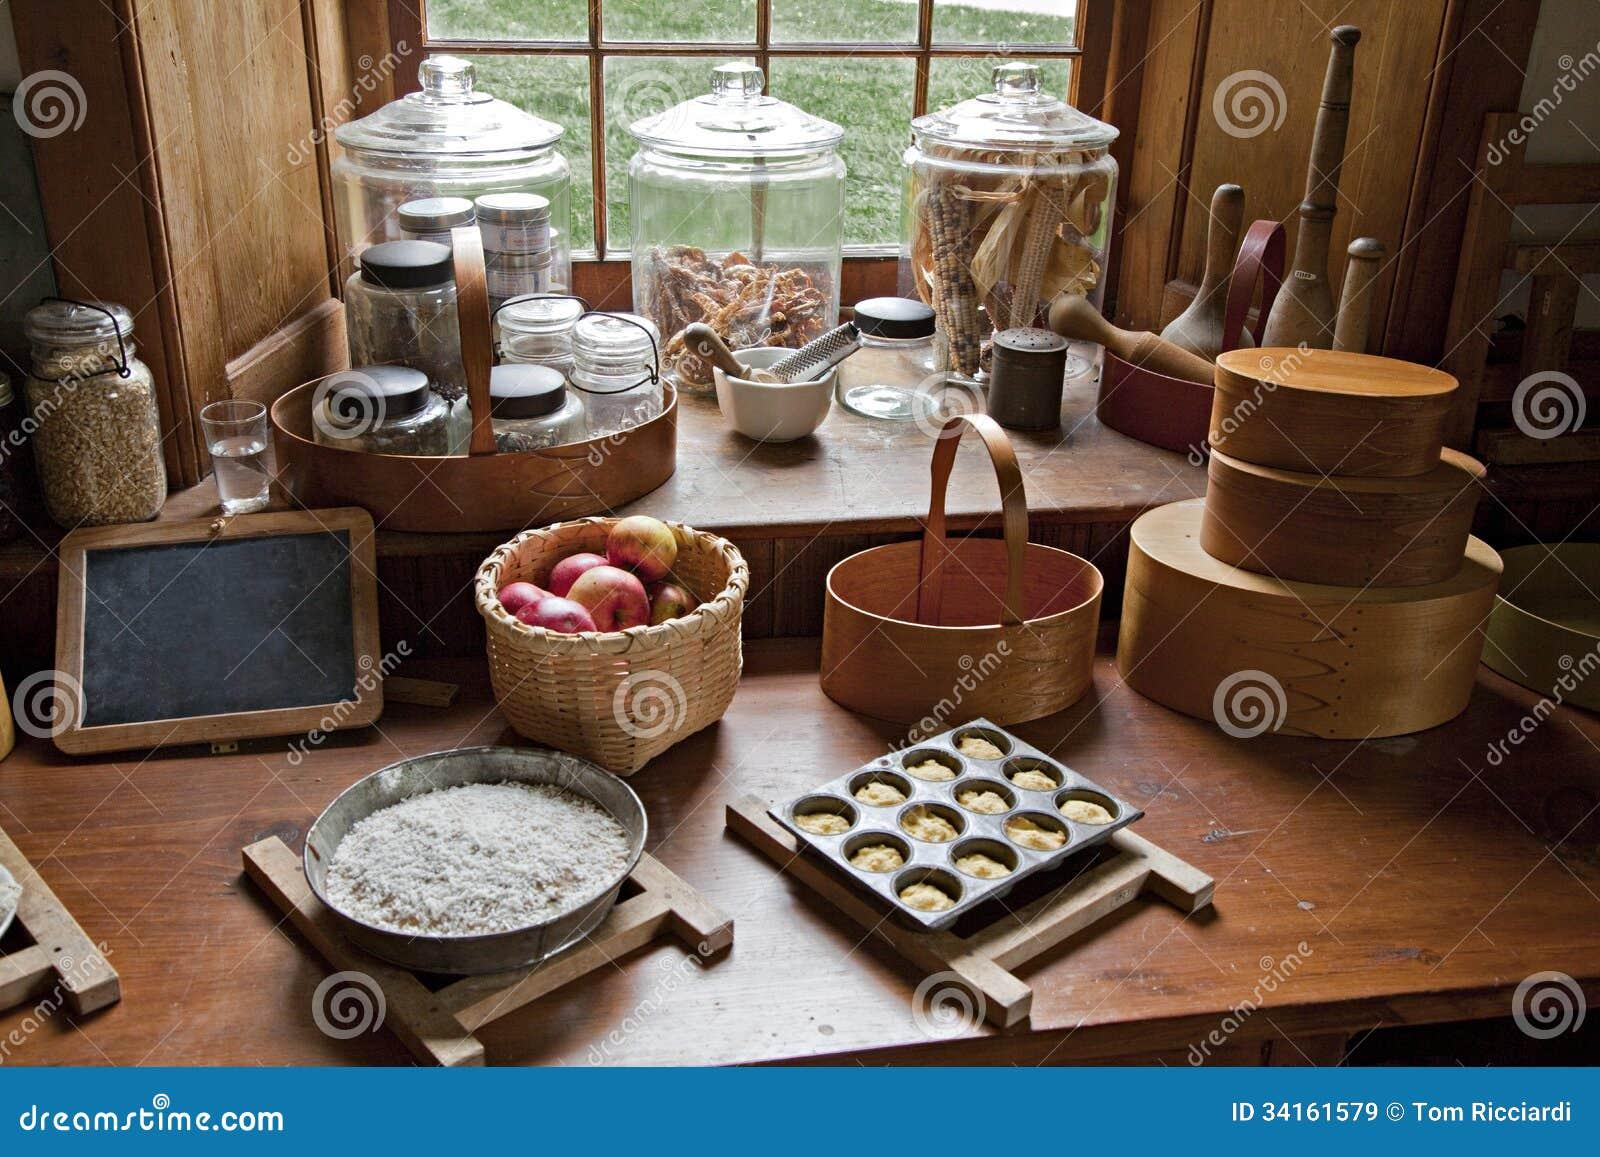 De ouderwetse keuken van het land stock afbeelding afbeelding 34161579 - Deco keuken oud land ...